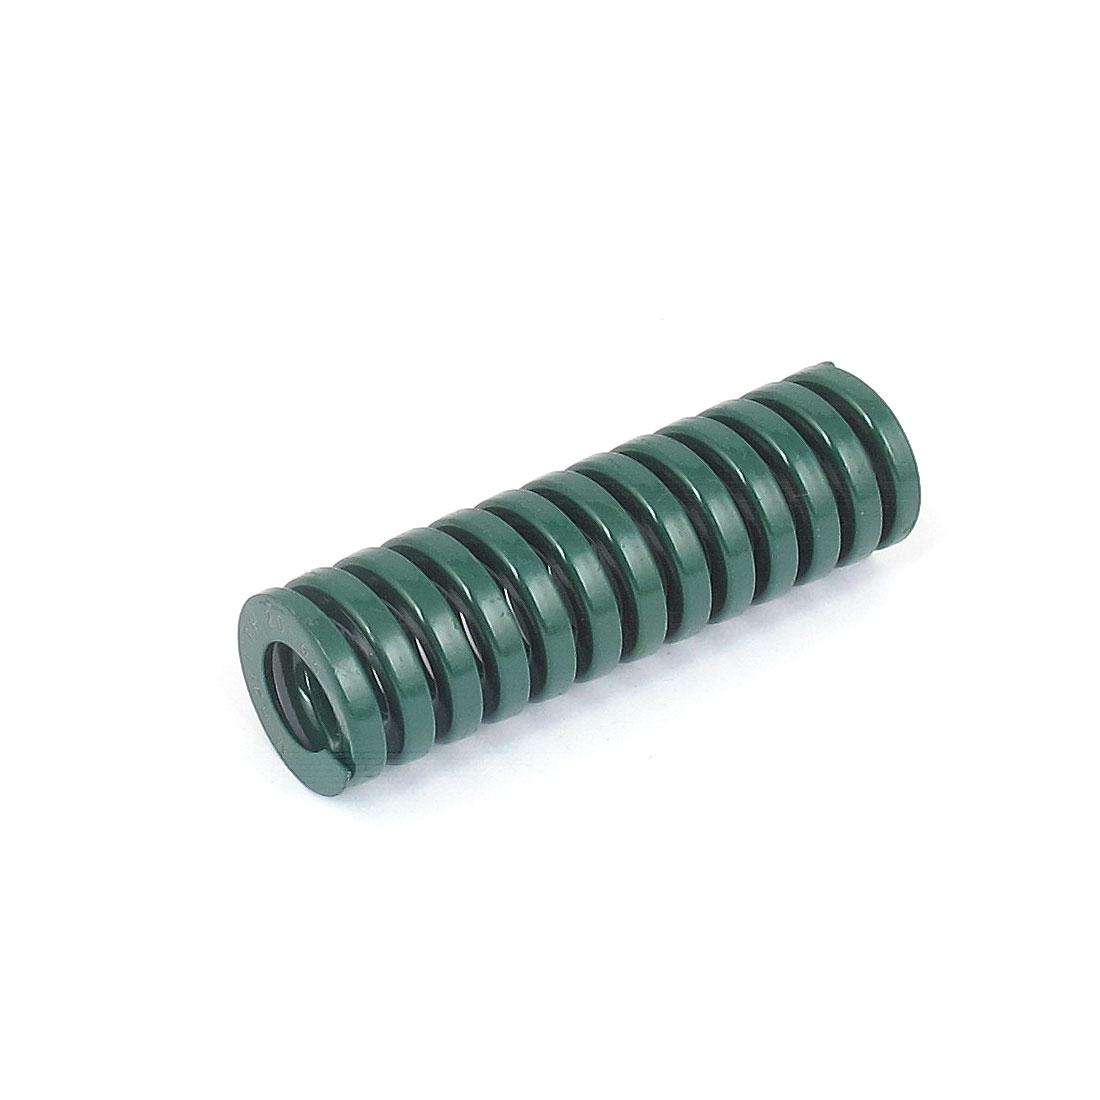 20mmx65mm Chromium Alloy Steel Heavy Load Die Spring Green